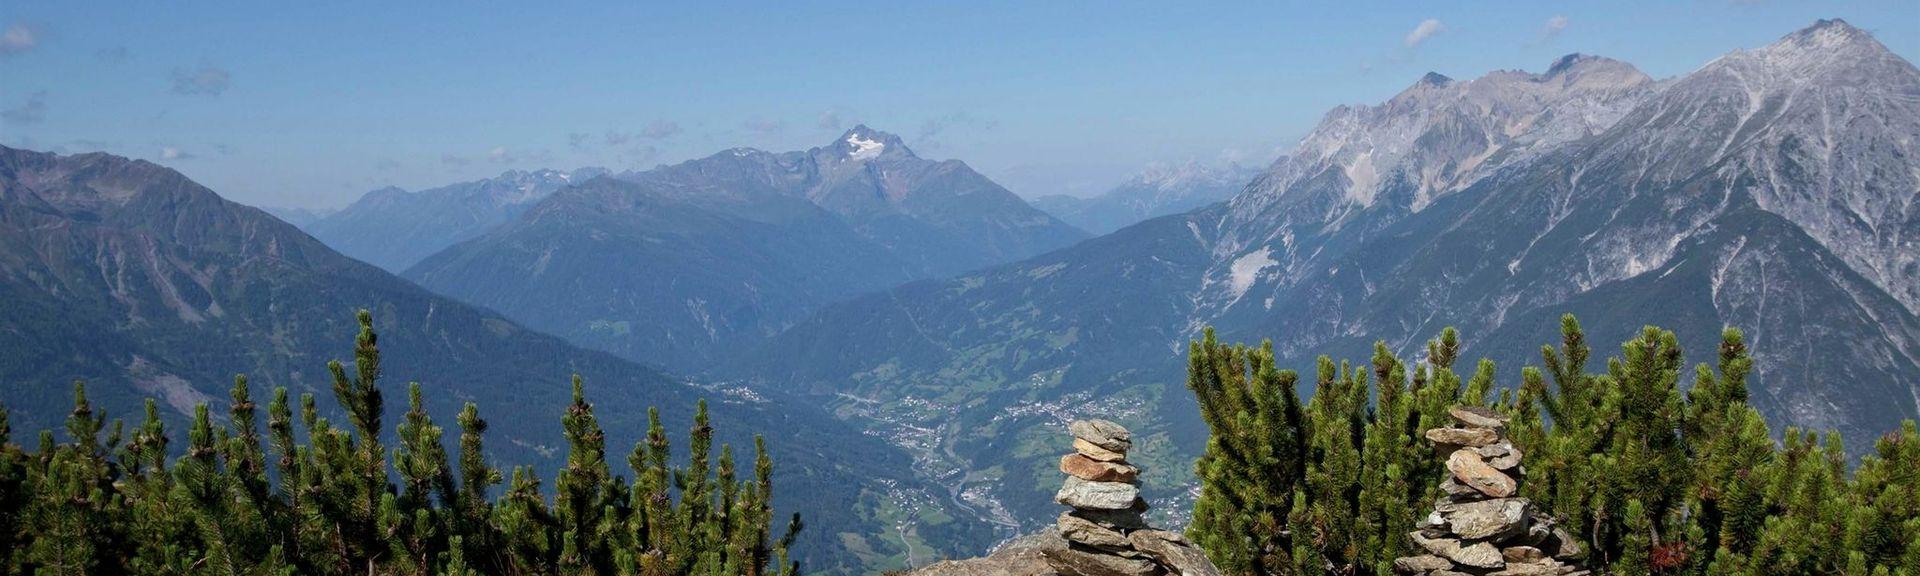 Parc de loisirs Area 47, Roppen, Tyrol, Autriche